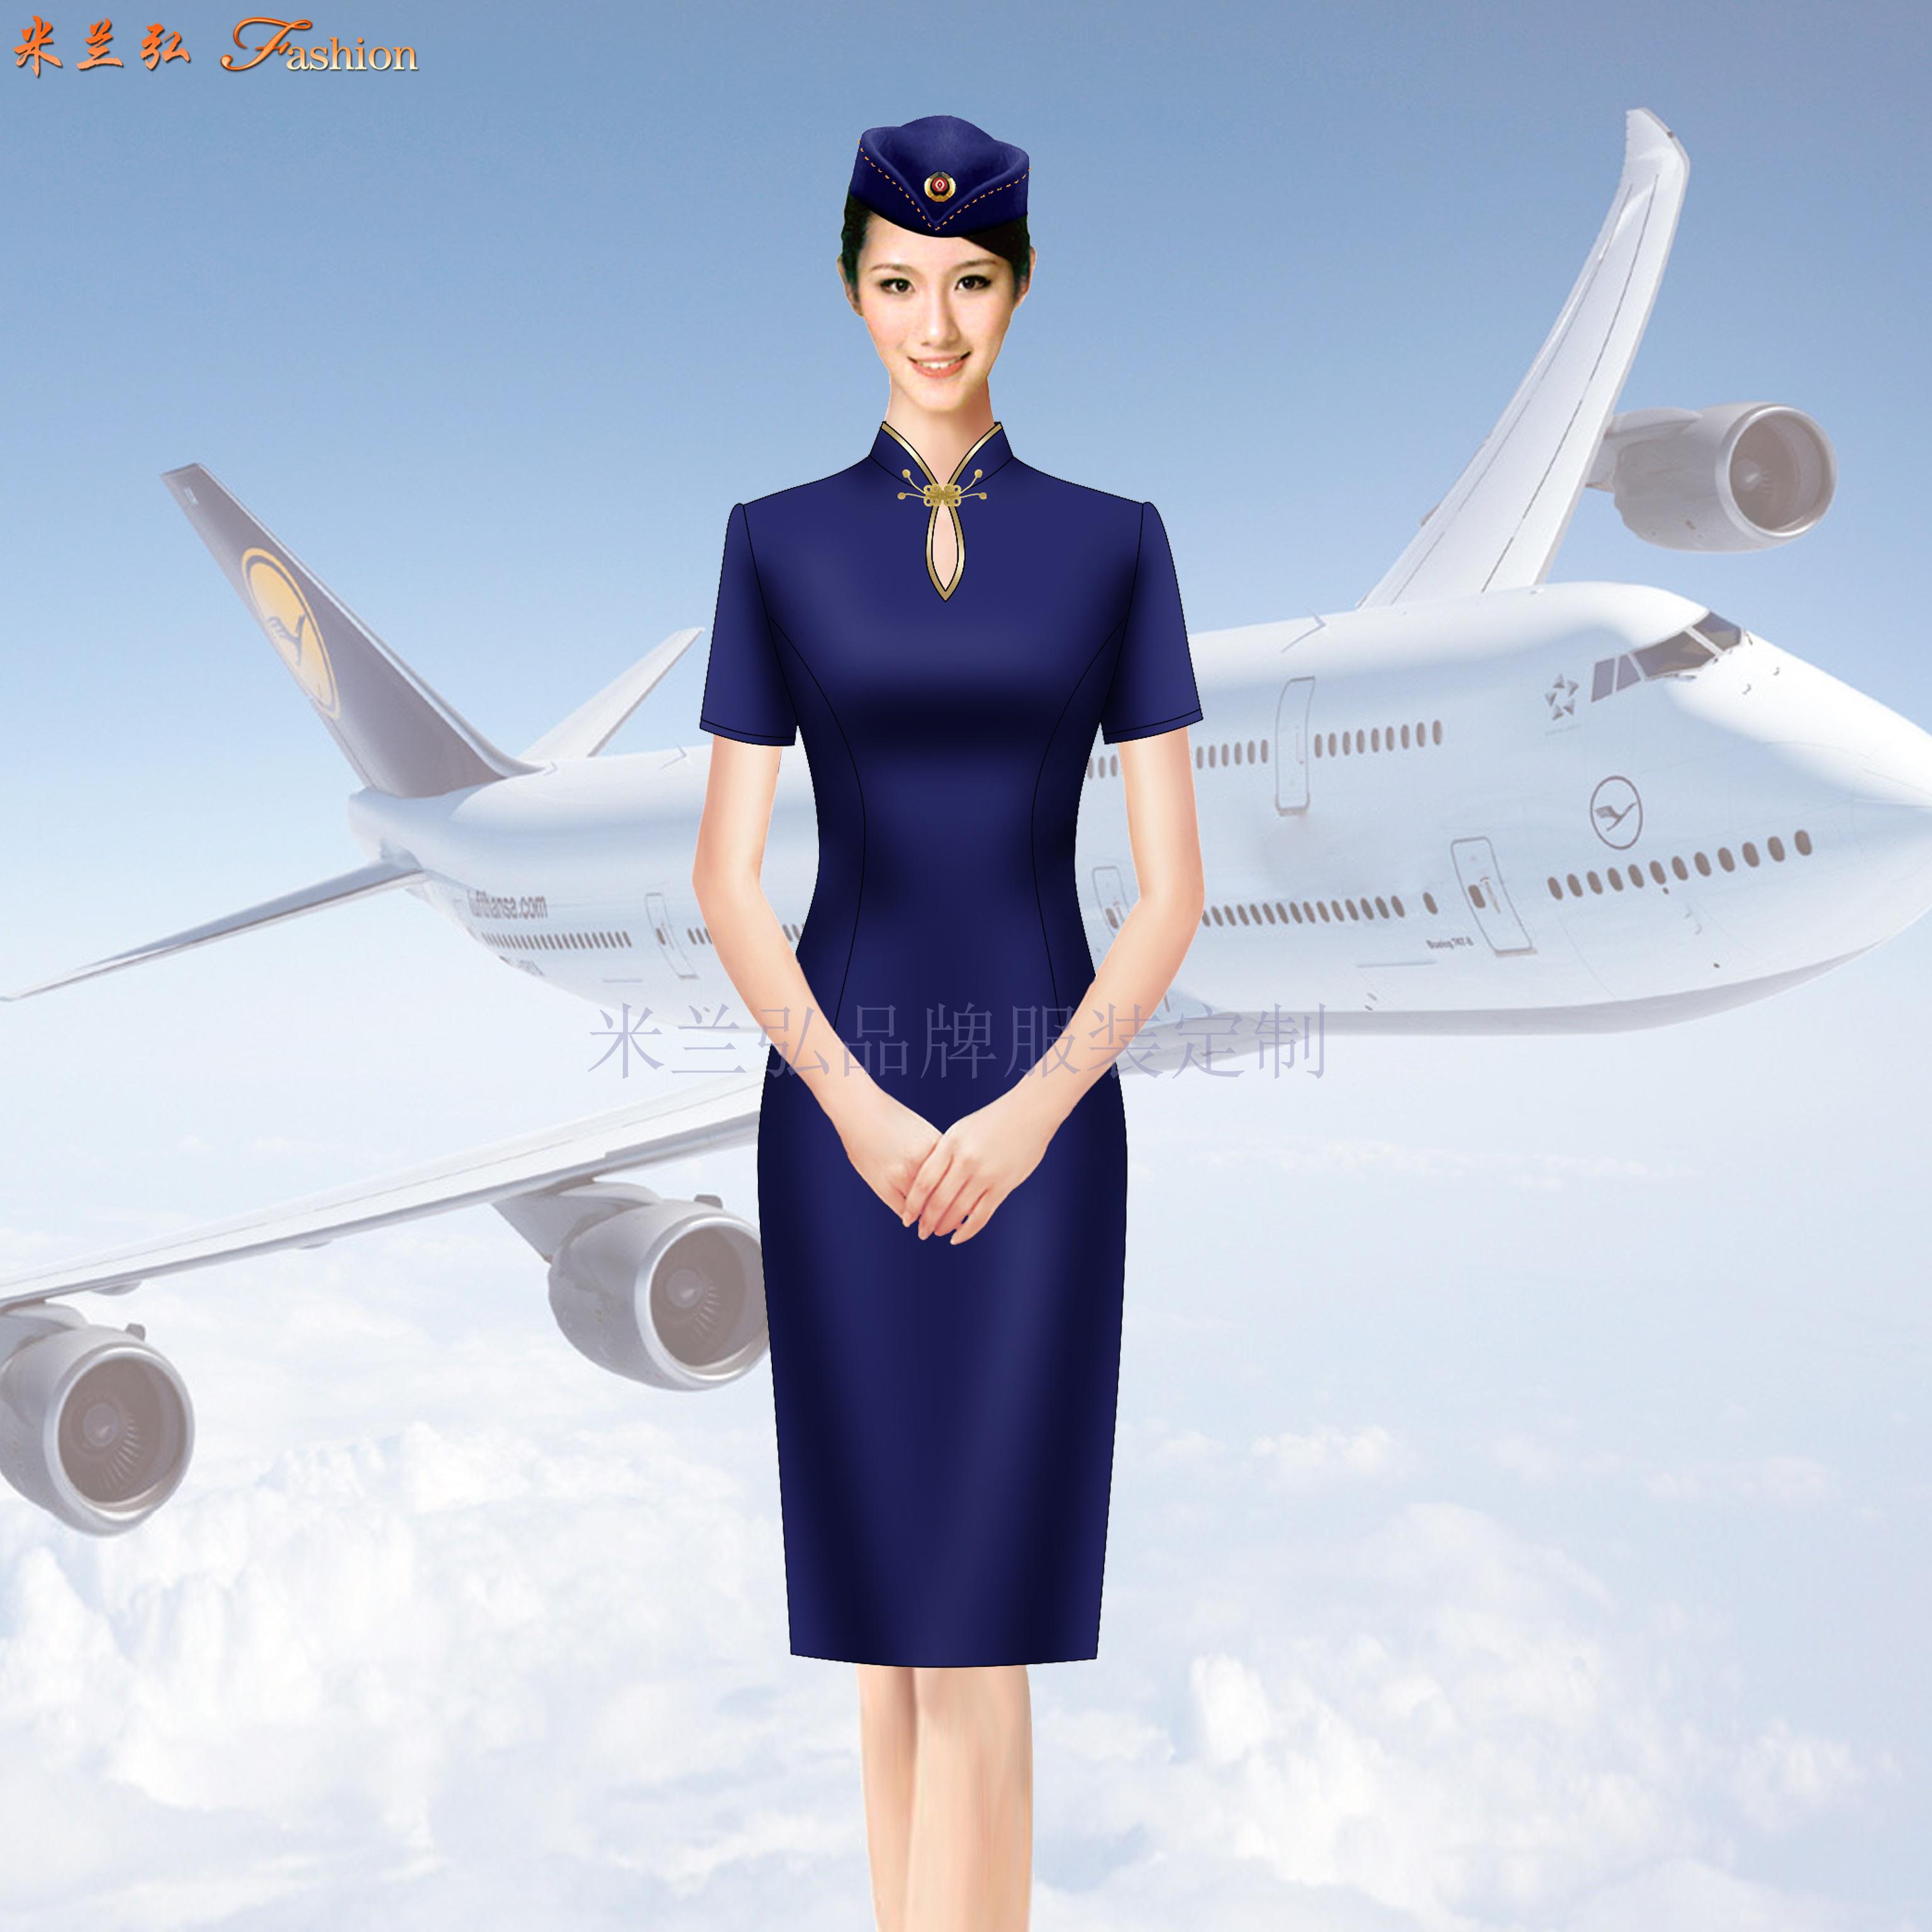 空姐連衣裙製服圖片|高鐵乘務員中式立領連衣裙定做-湖北快3服裝-4